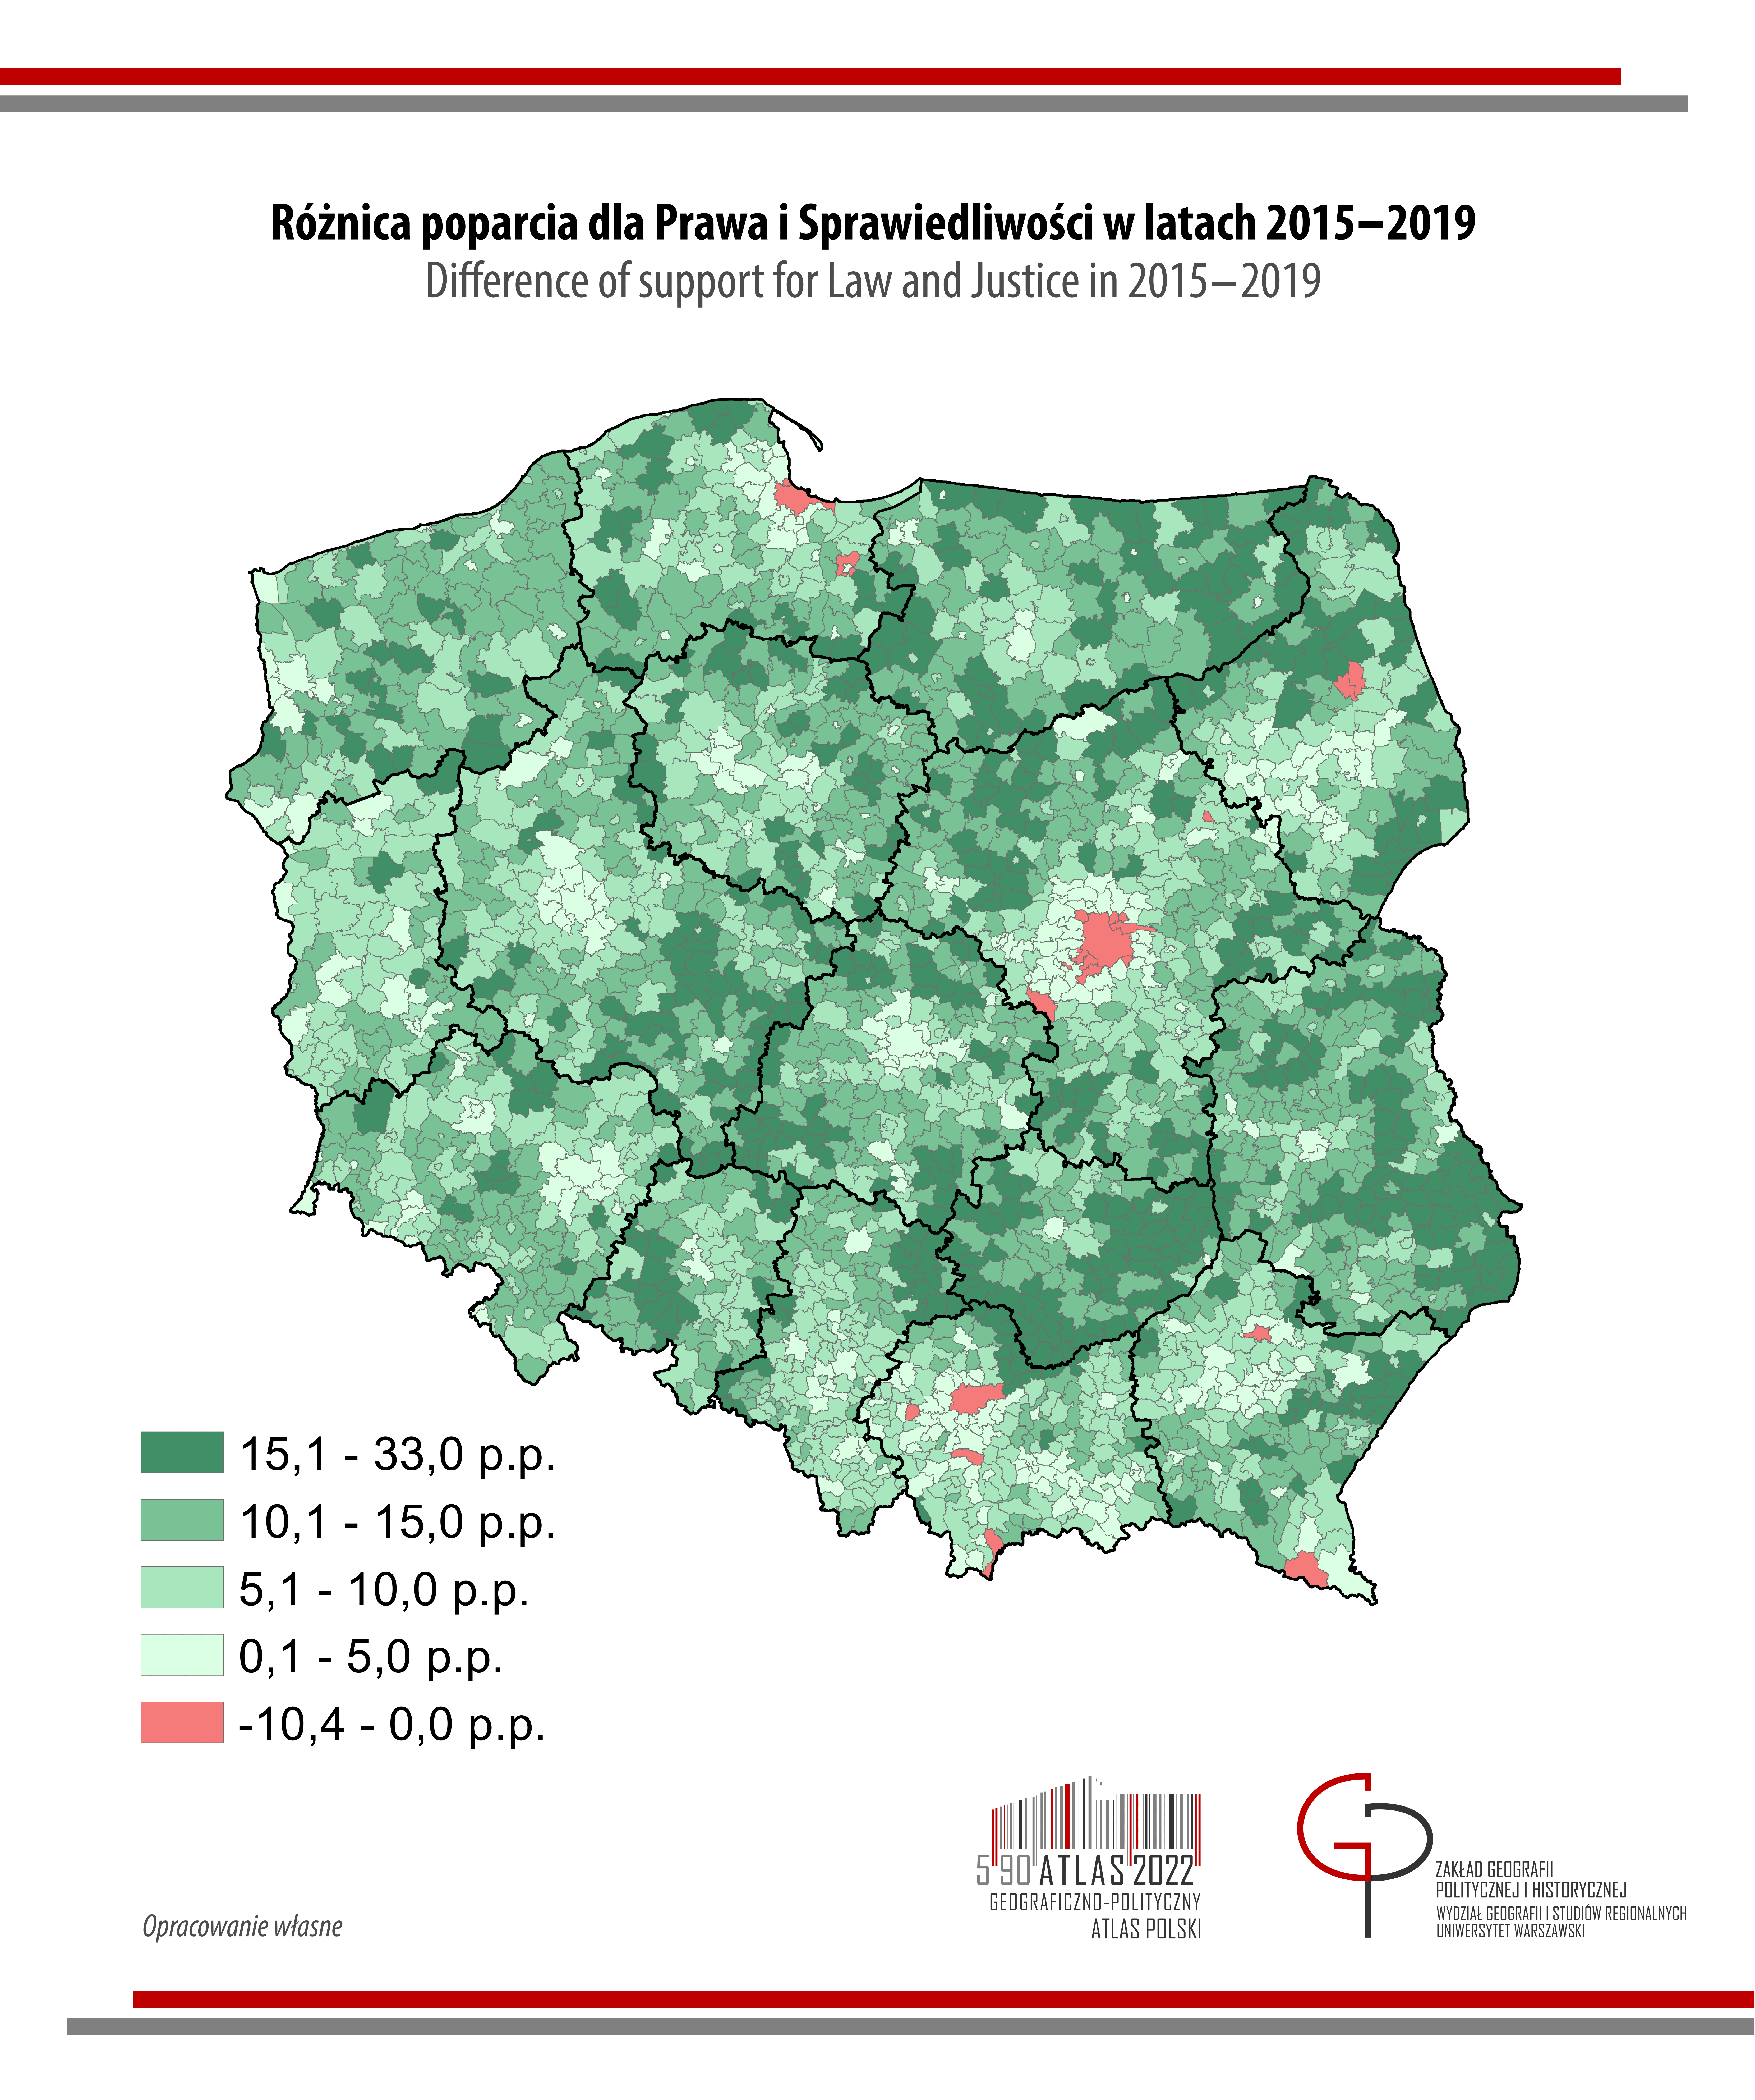 MAPA TYGODNIA: Różnica poparcia dla Prawa i Sprawiedliwości w wyborach do Sejmu w latach 2015-2019